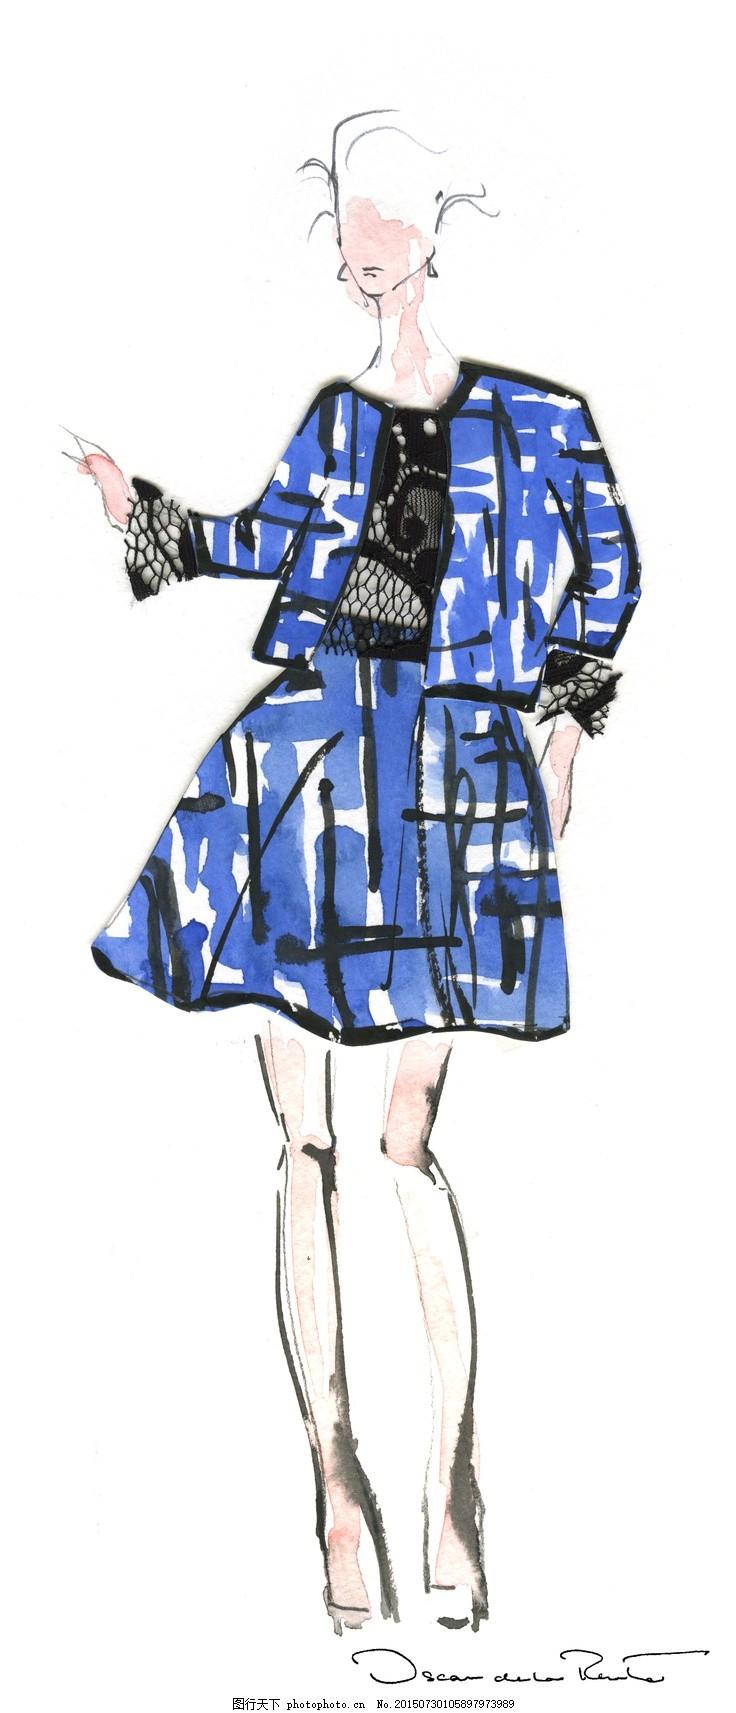 服装设计手绘图 服装美女 服装设计 手绘 手绘服装 服装插画     白色